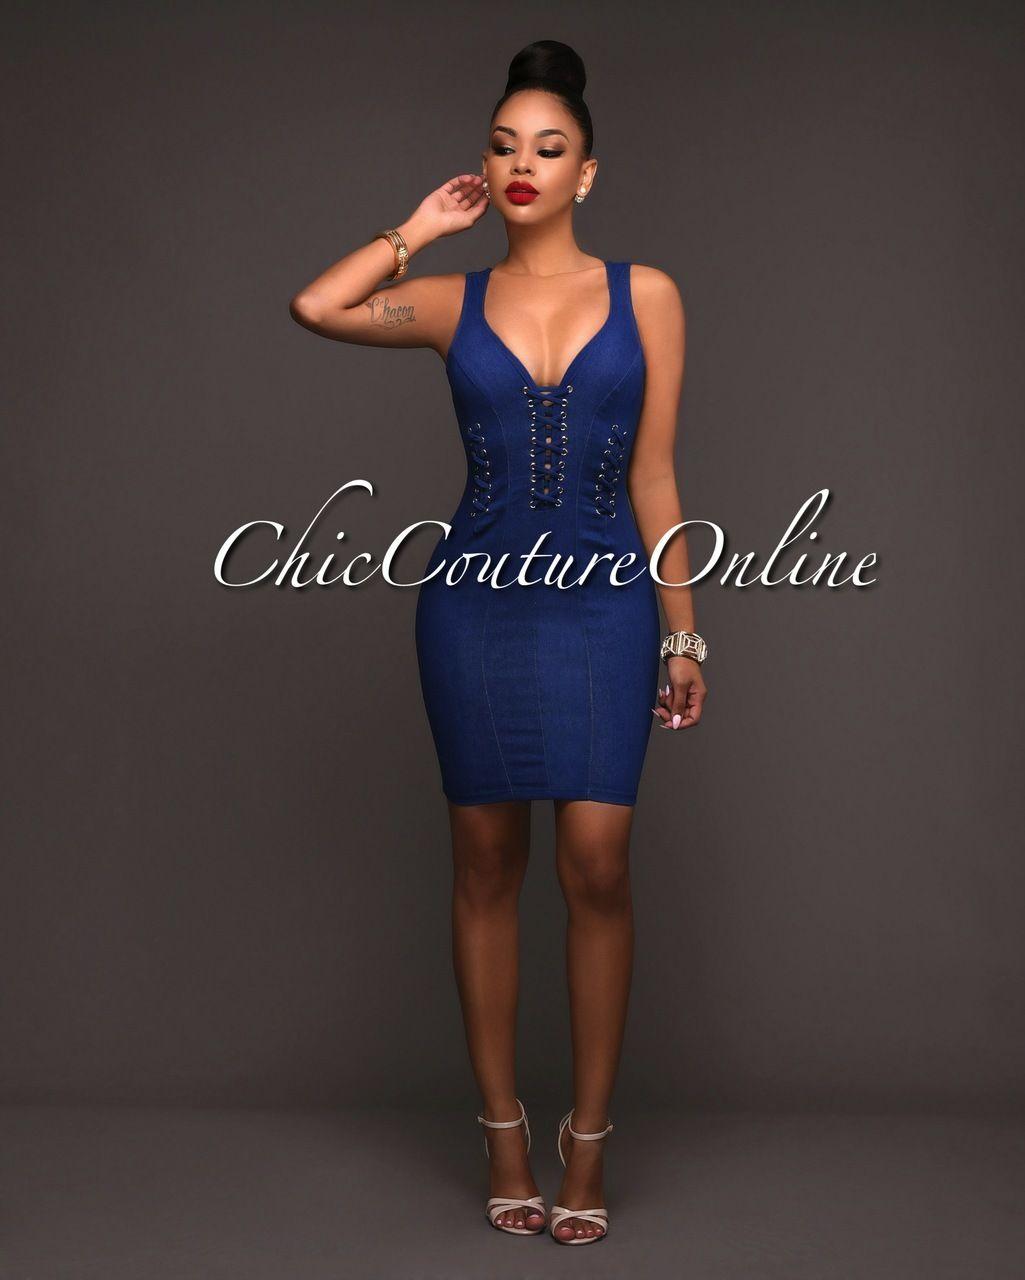 e66206a557b96 Chic Couture Online - Kezia Medium Wash Denim Lace-up Design Dress